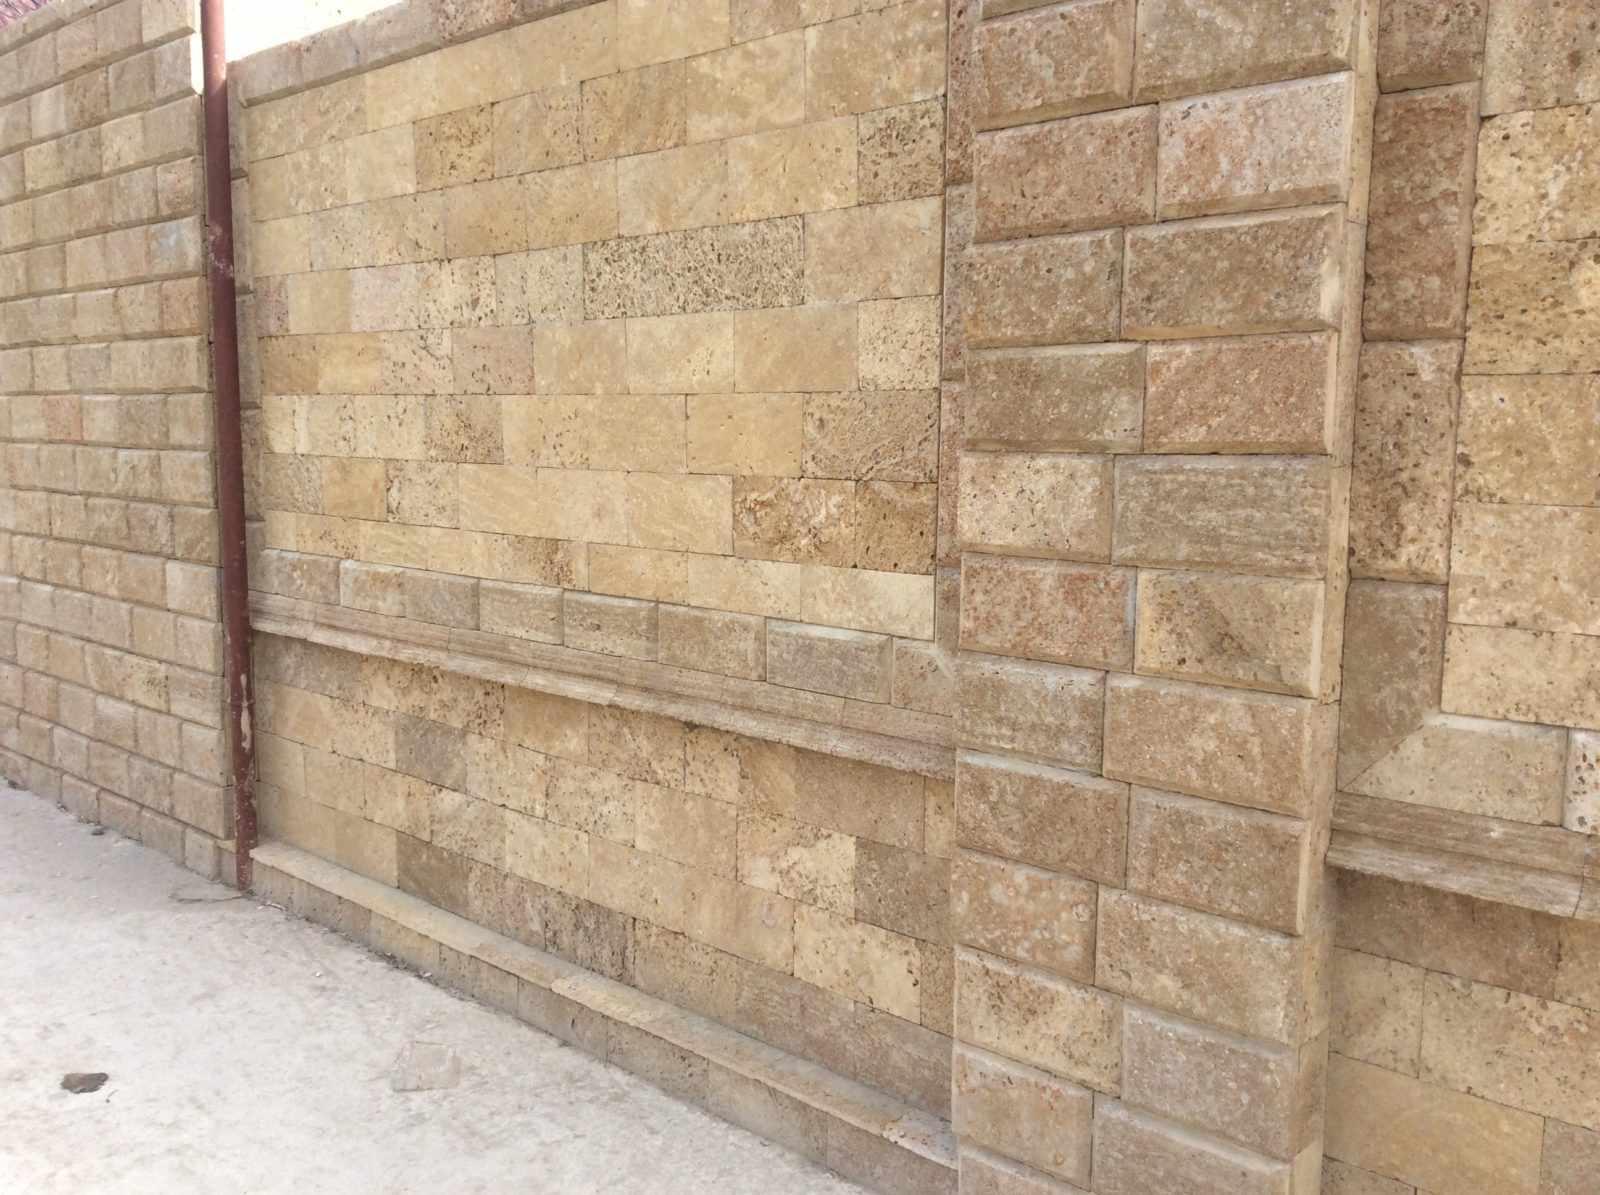 облицовочная плитка для фасада ракушечник